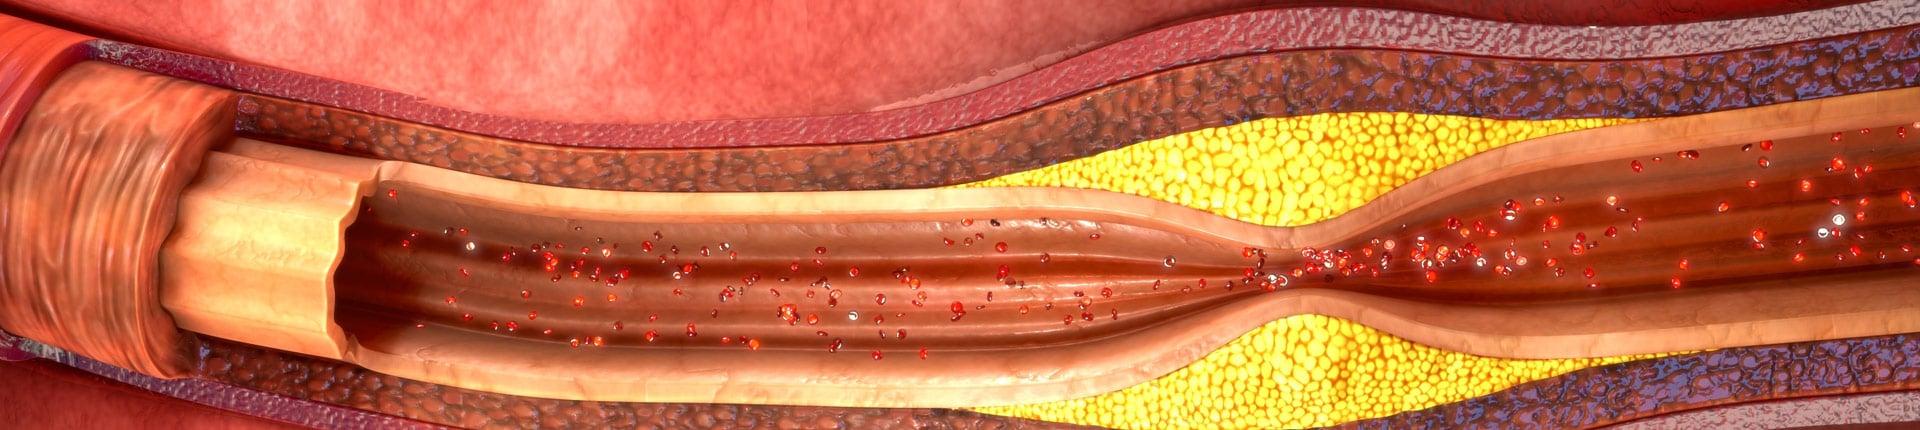 Miażdżyca tętnic - poznaj przyczyny i objawy